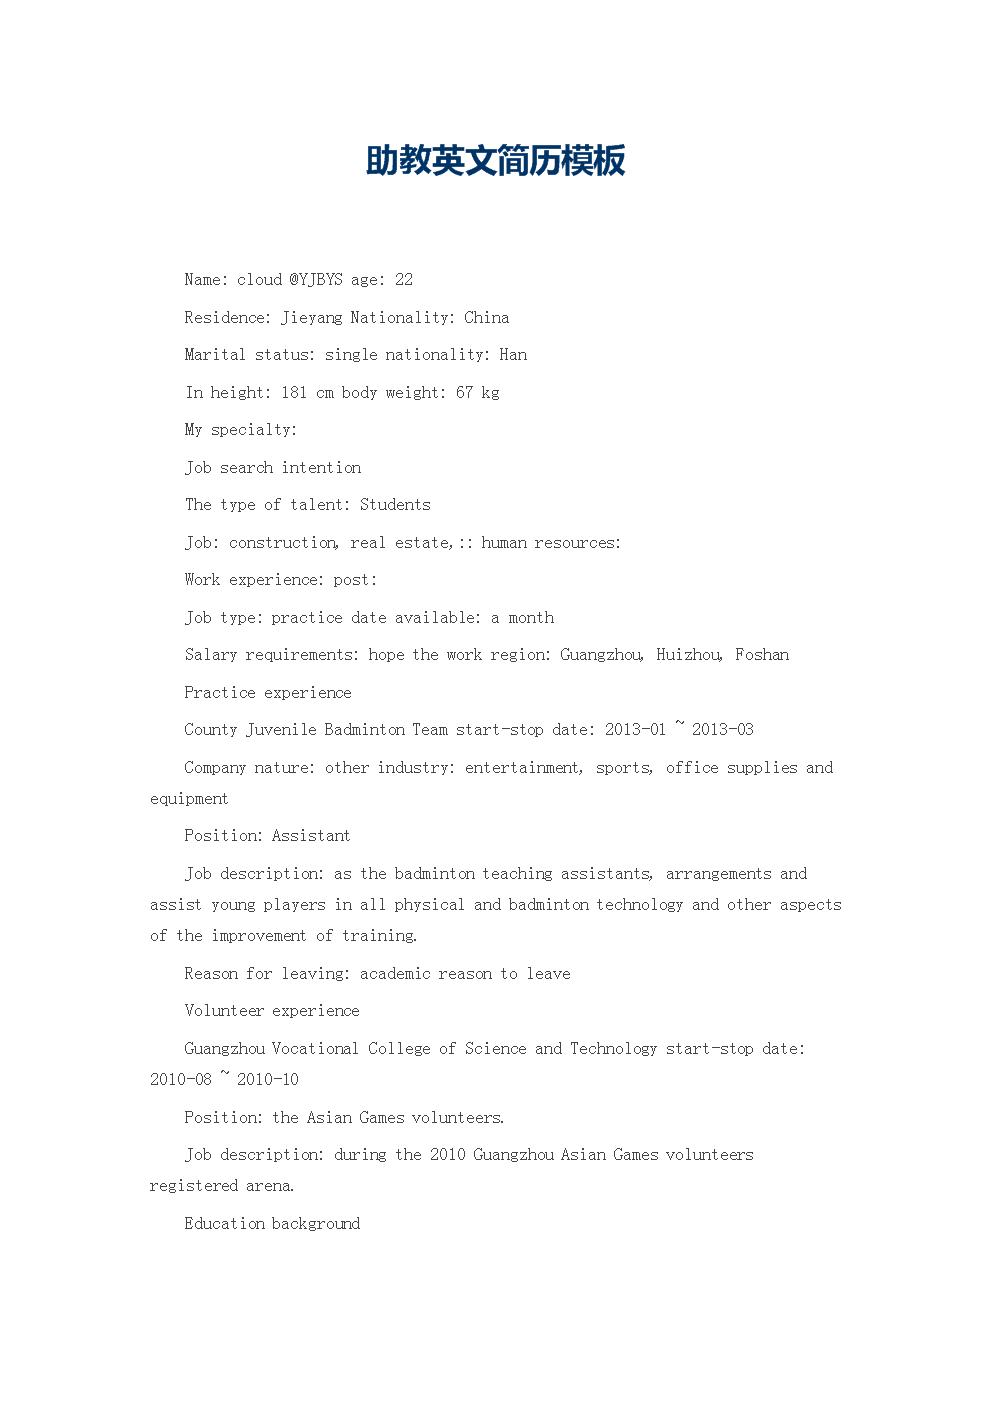 助教英文简历模板工具.docx